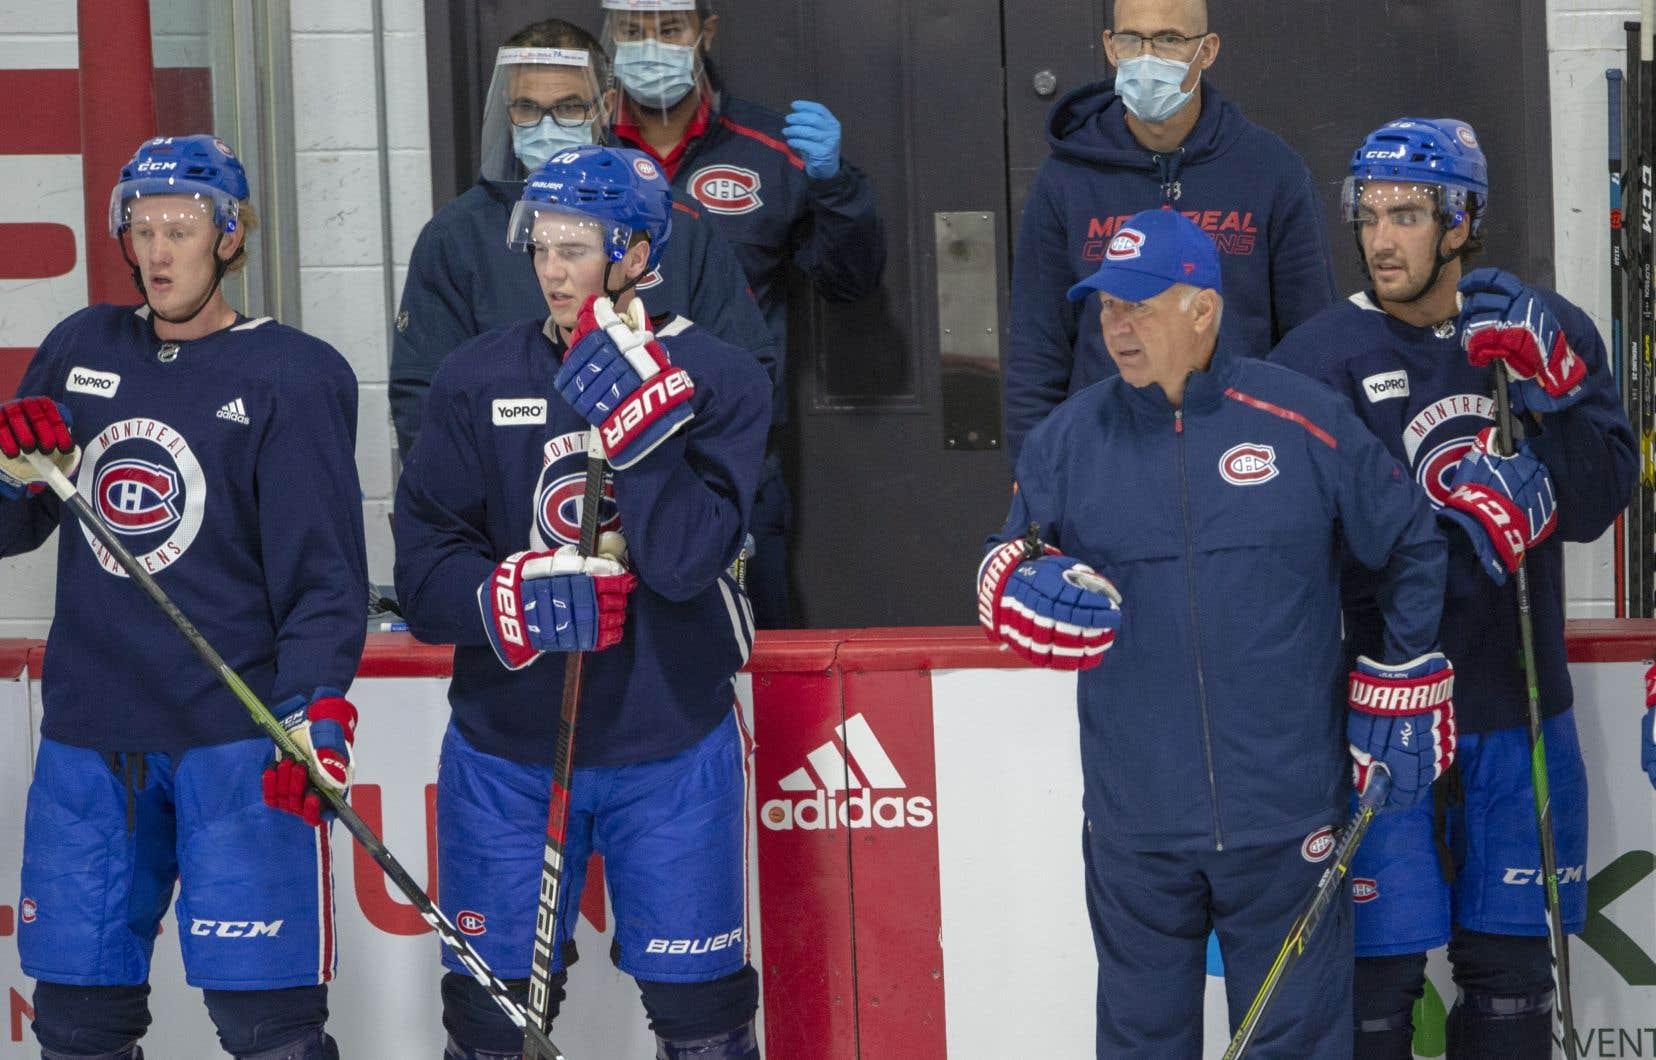 Le Canadien de Montréal a lancé son camp lundi avec 33 joueurs à sa formation, incluant le défenseur Alexander Romanov et l'attaquant Max Domi, qui ne sont toujours pas dans l'entourage de l'équipe.